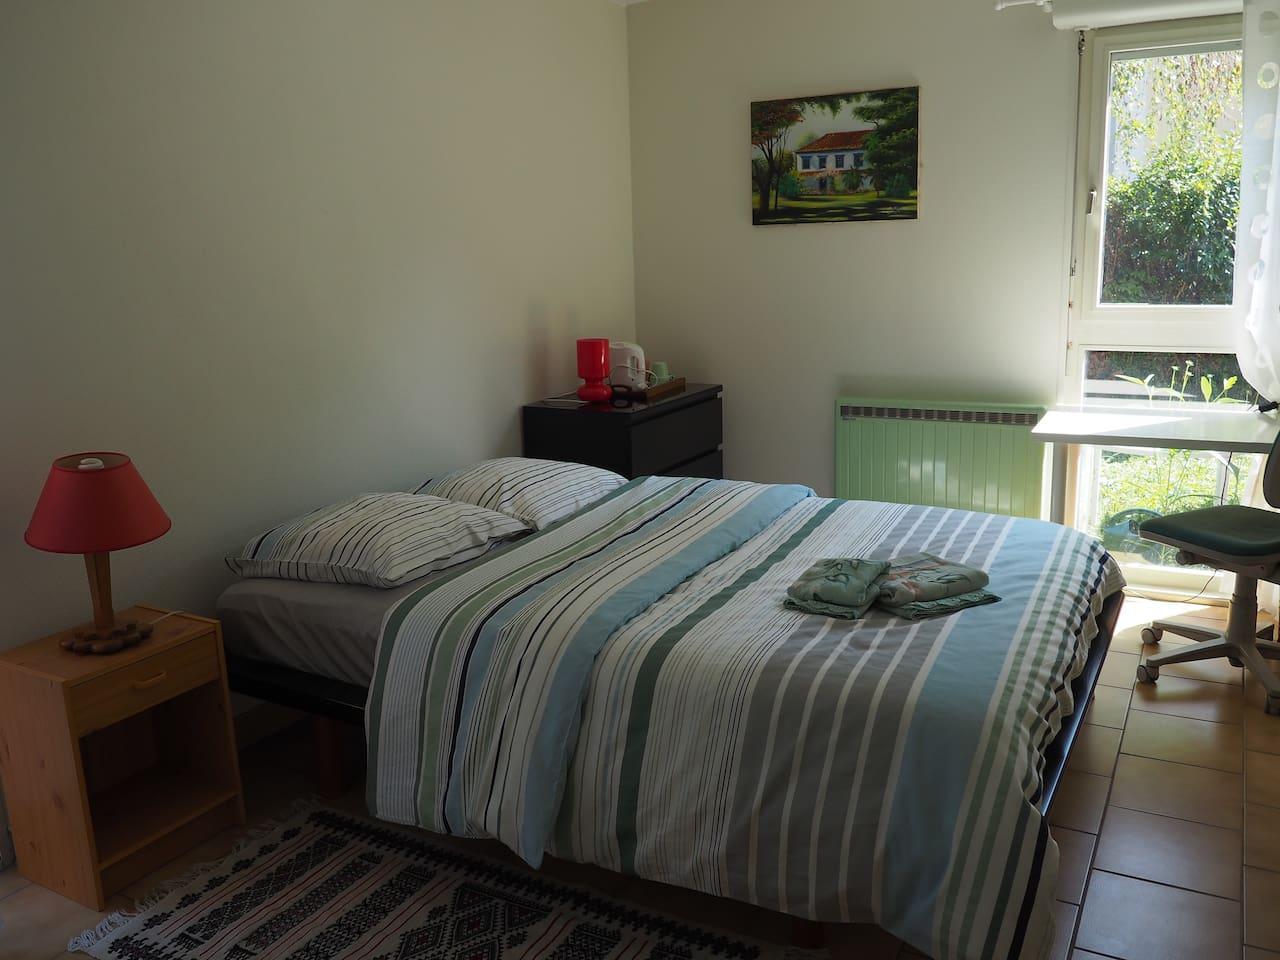 Chambre spacieuse et claire.